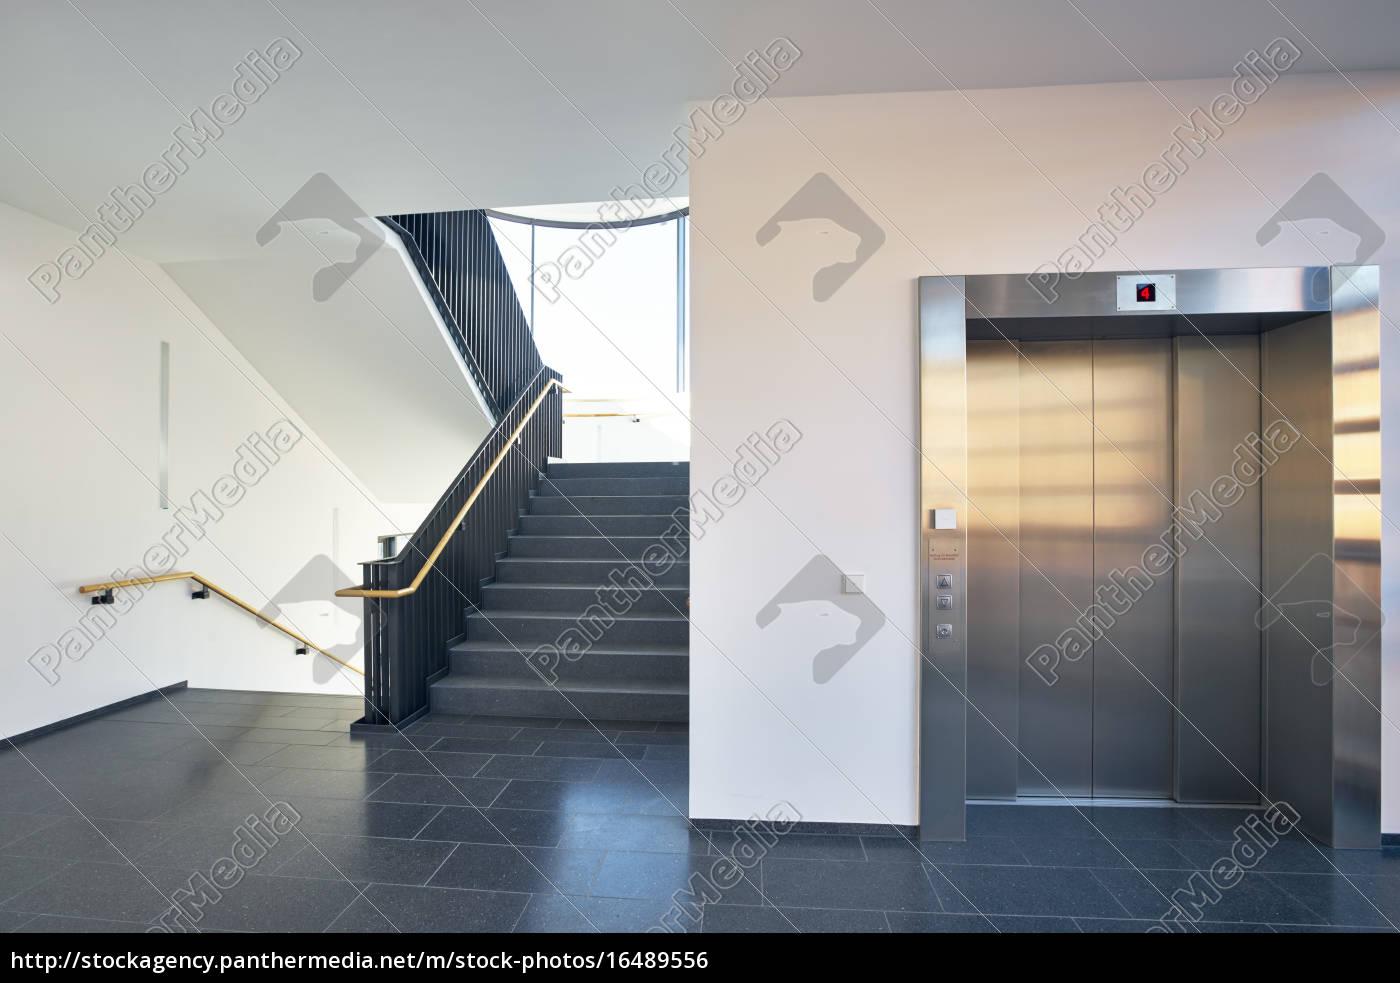 Häufig Treppenhaus modern Gebäude Fenster Aufzug - Lizenzfreies Foto UQ08